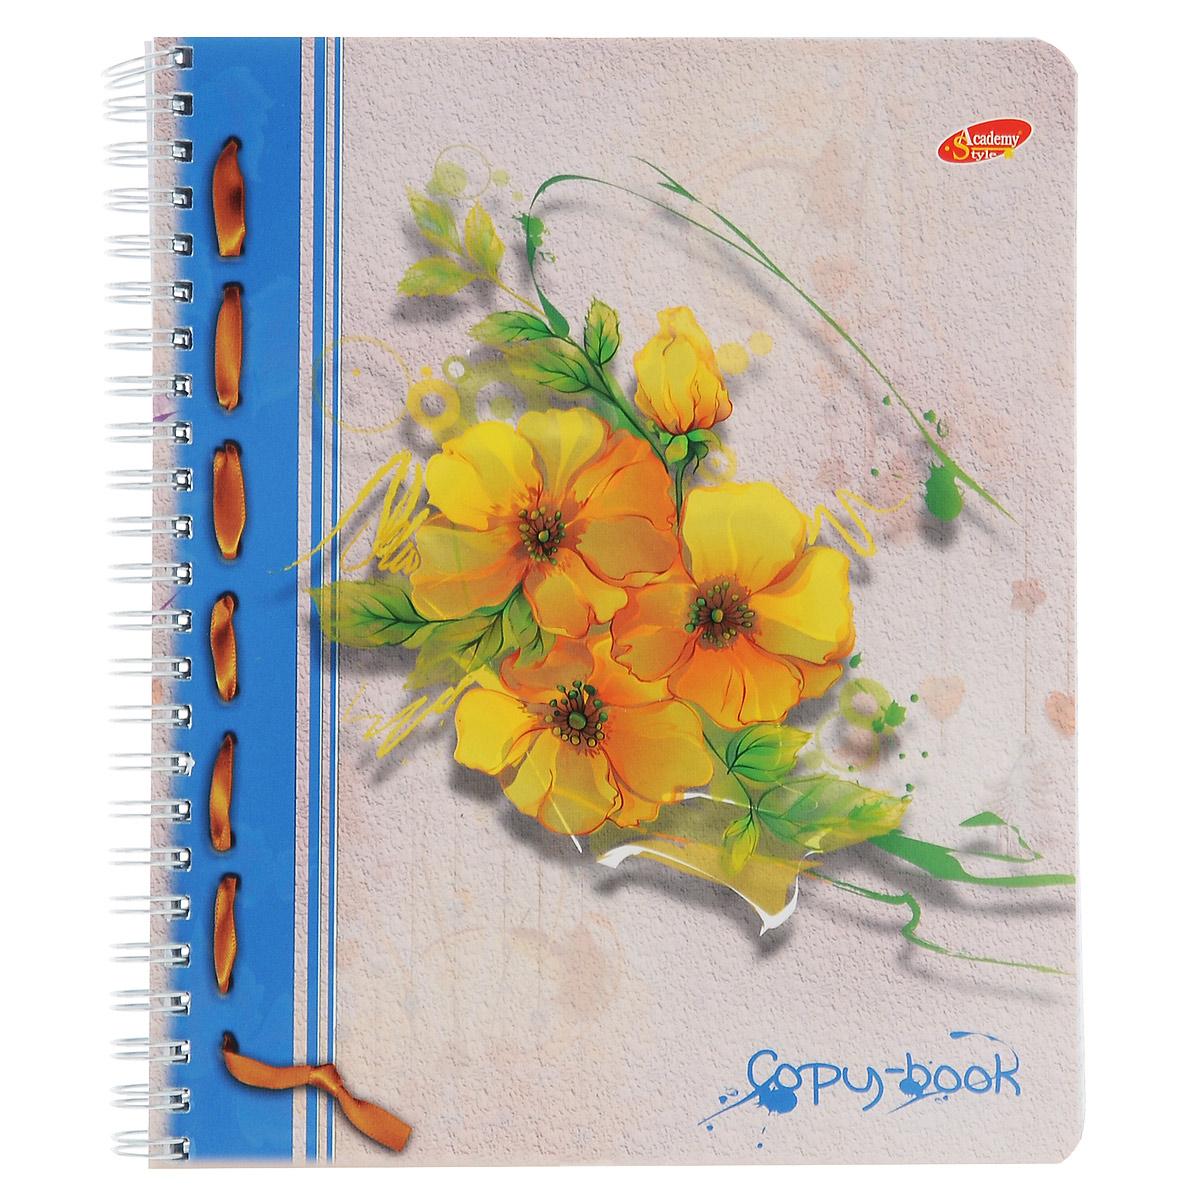 Тетрадь Желтые цветы, цвет: серый, желтый, 96 листов6008/3_кругл Желтые цветыТетрадь Желтые цветы с красочным изображением на обложке подойдет для выполнения любых работ. Обложка тетради с закругленными углами изготовлена из мелованного картона. Внутренний блок тетради на гребне состоит из 96 листов качественной белой бумаги. Все листы расчерчены в клетку без полей.